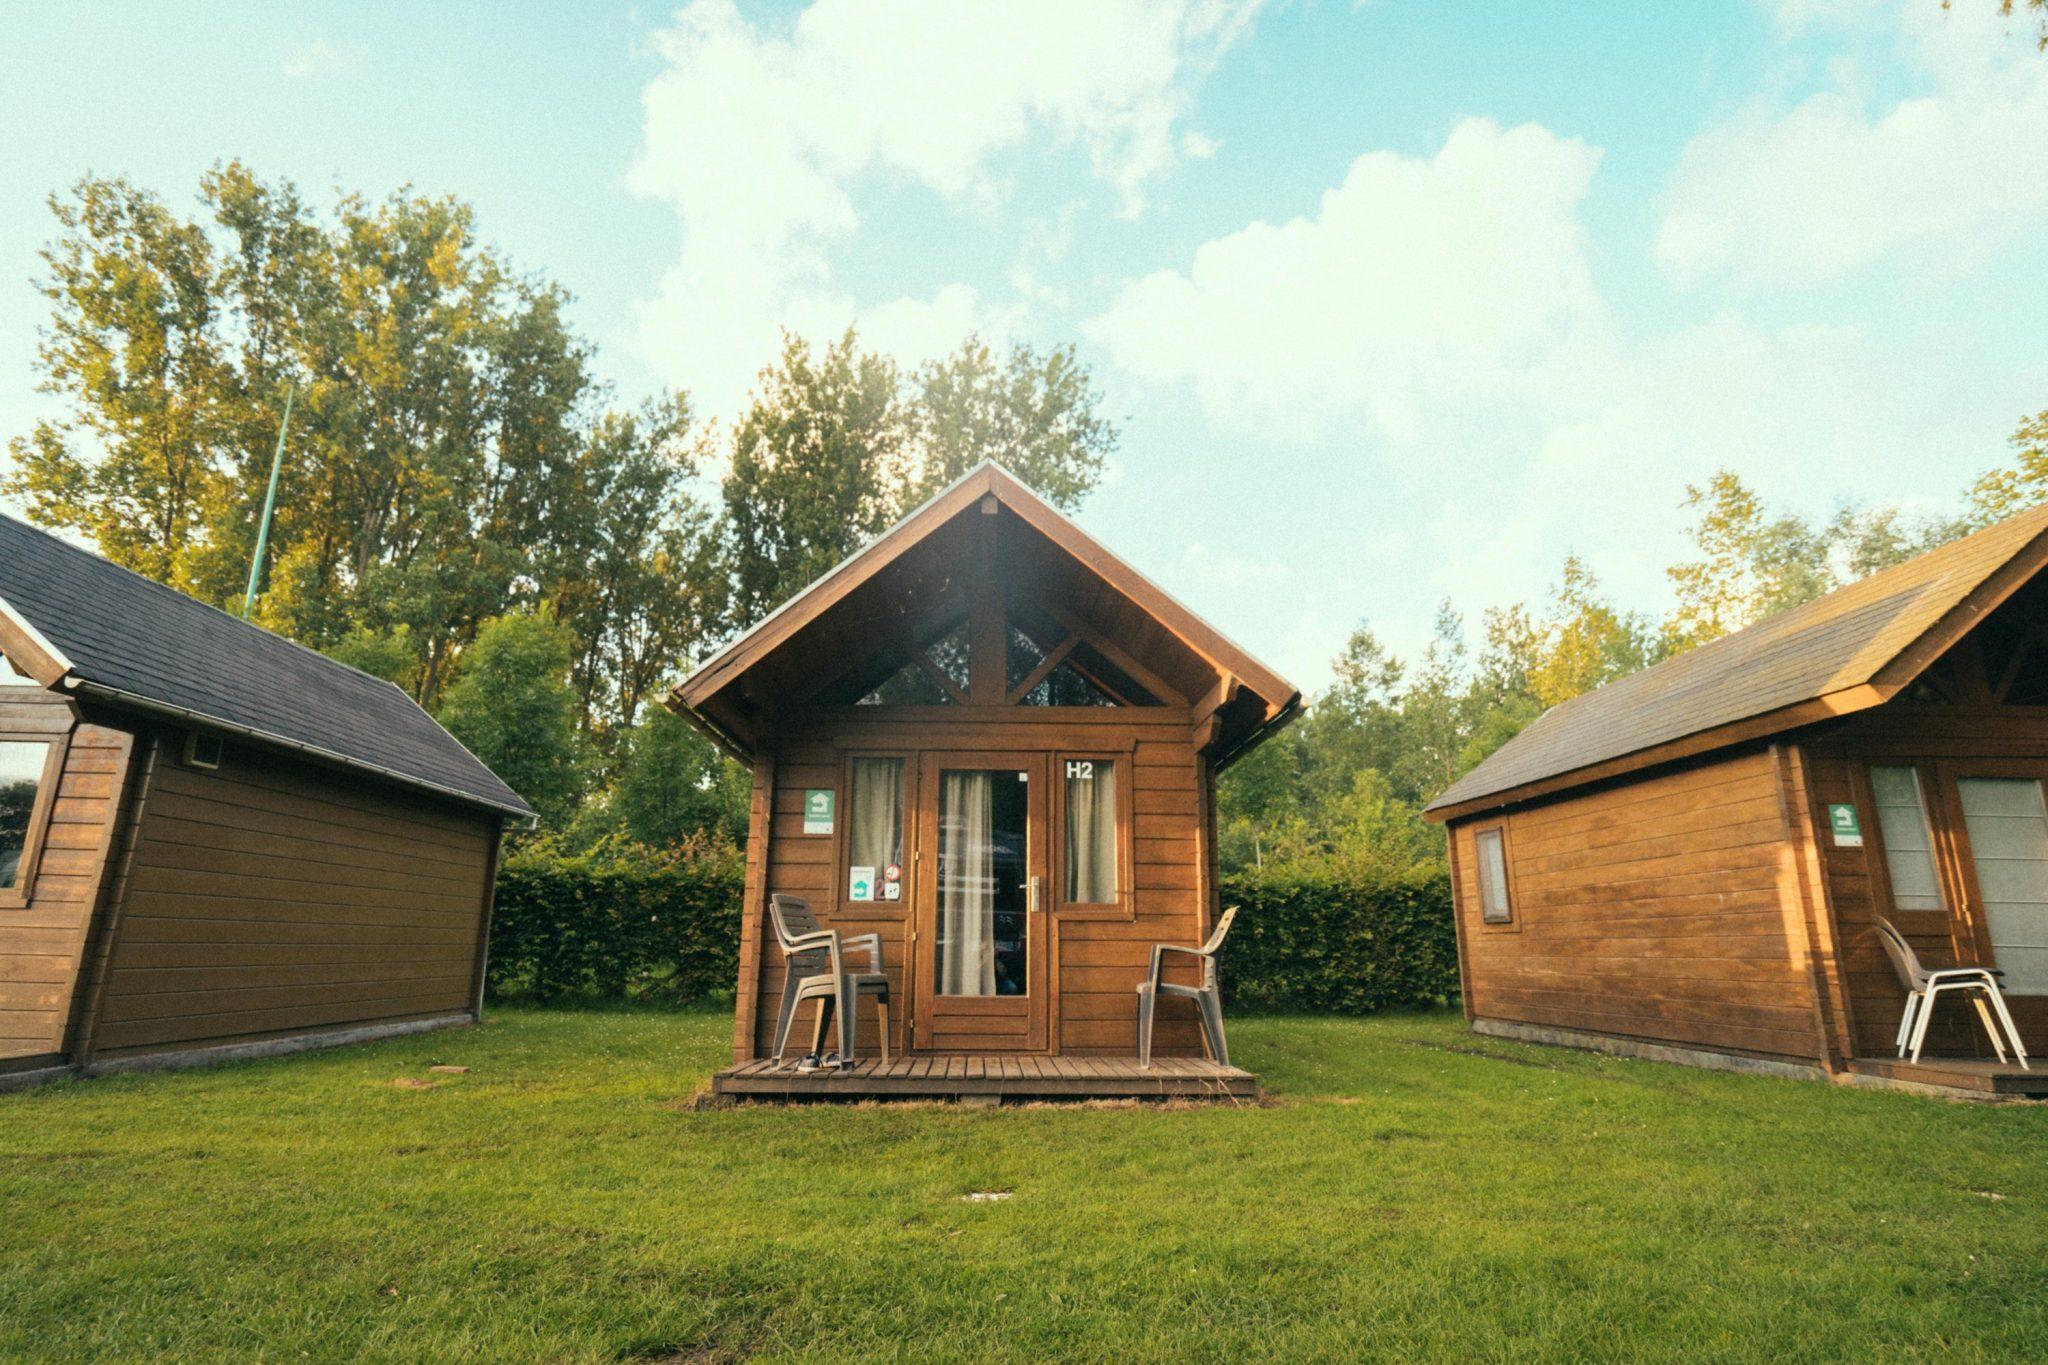 Camping Groeneveld - Logeren in trekkershut in groen tussen Gent en Deinze